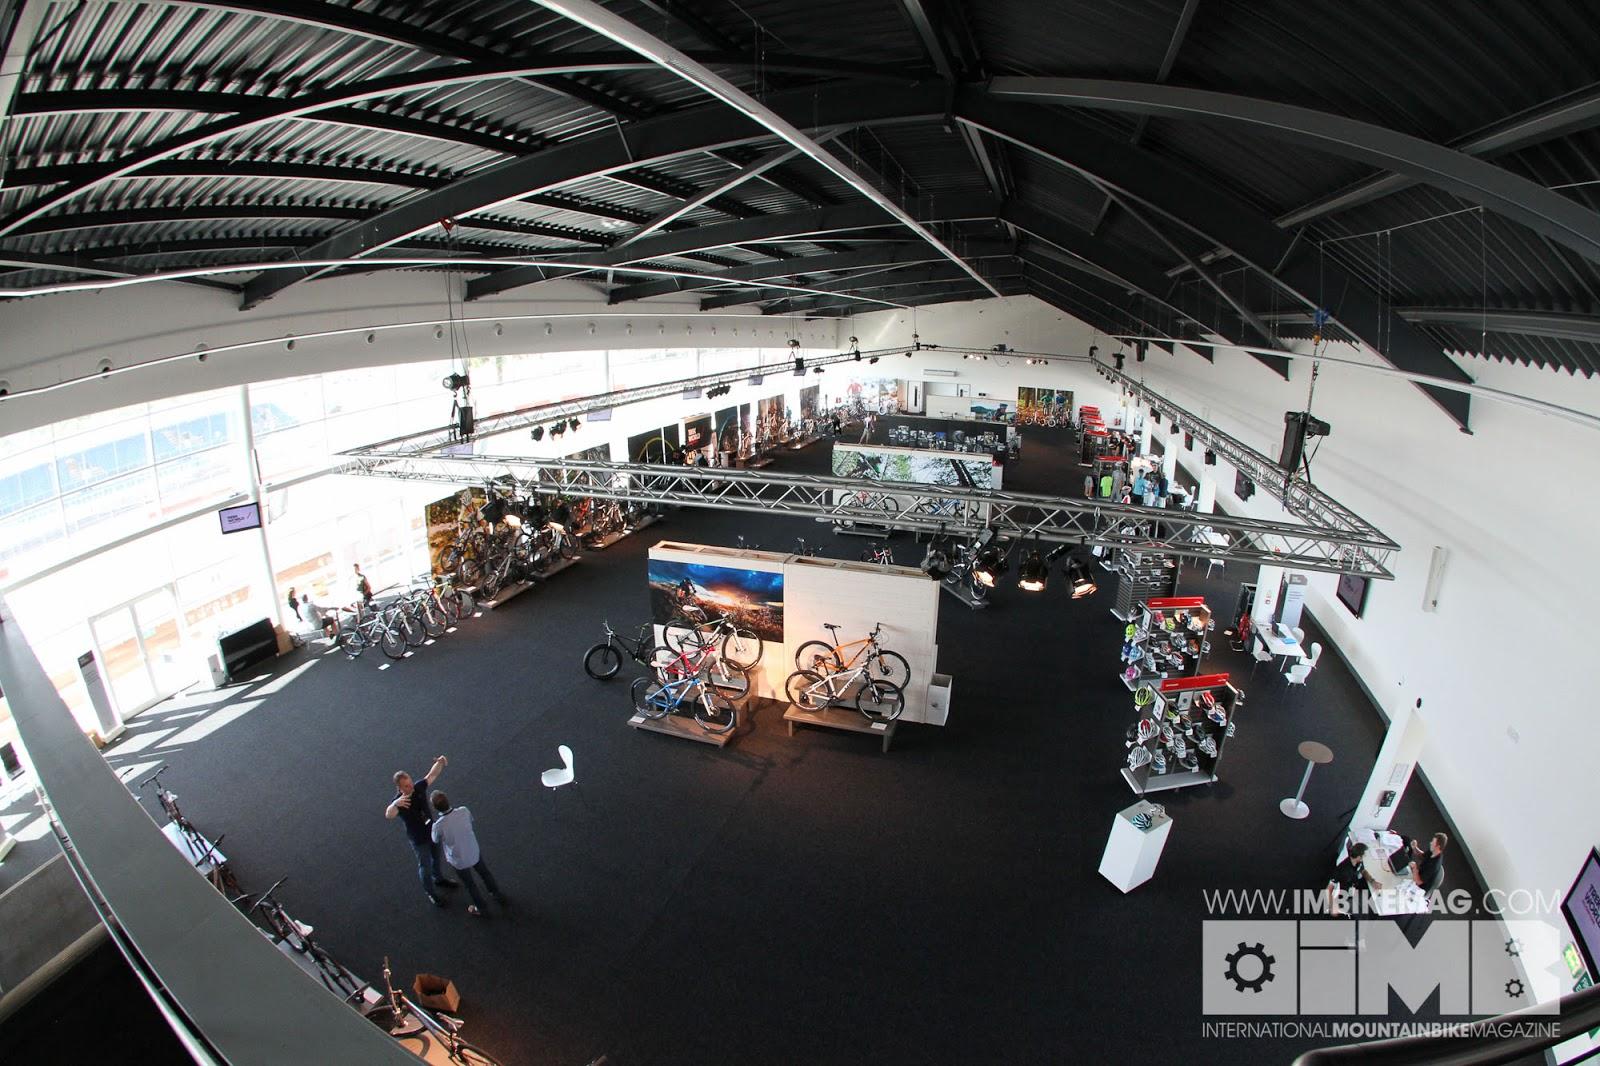 2014 Trek World Bike Release Sees 2014 Models of Session, Superfly